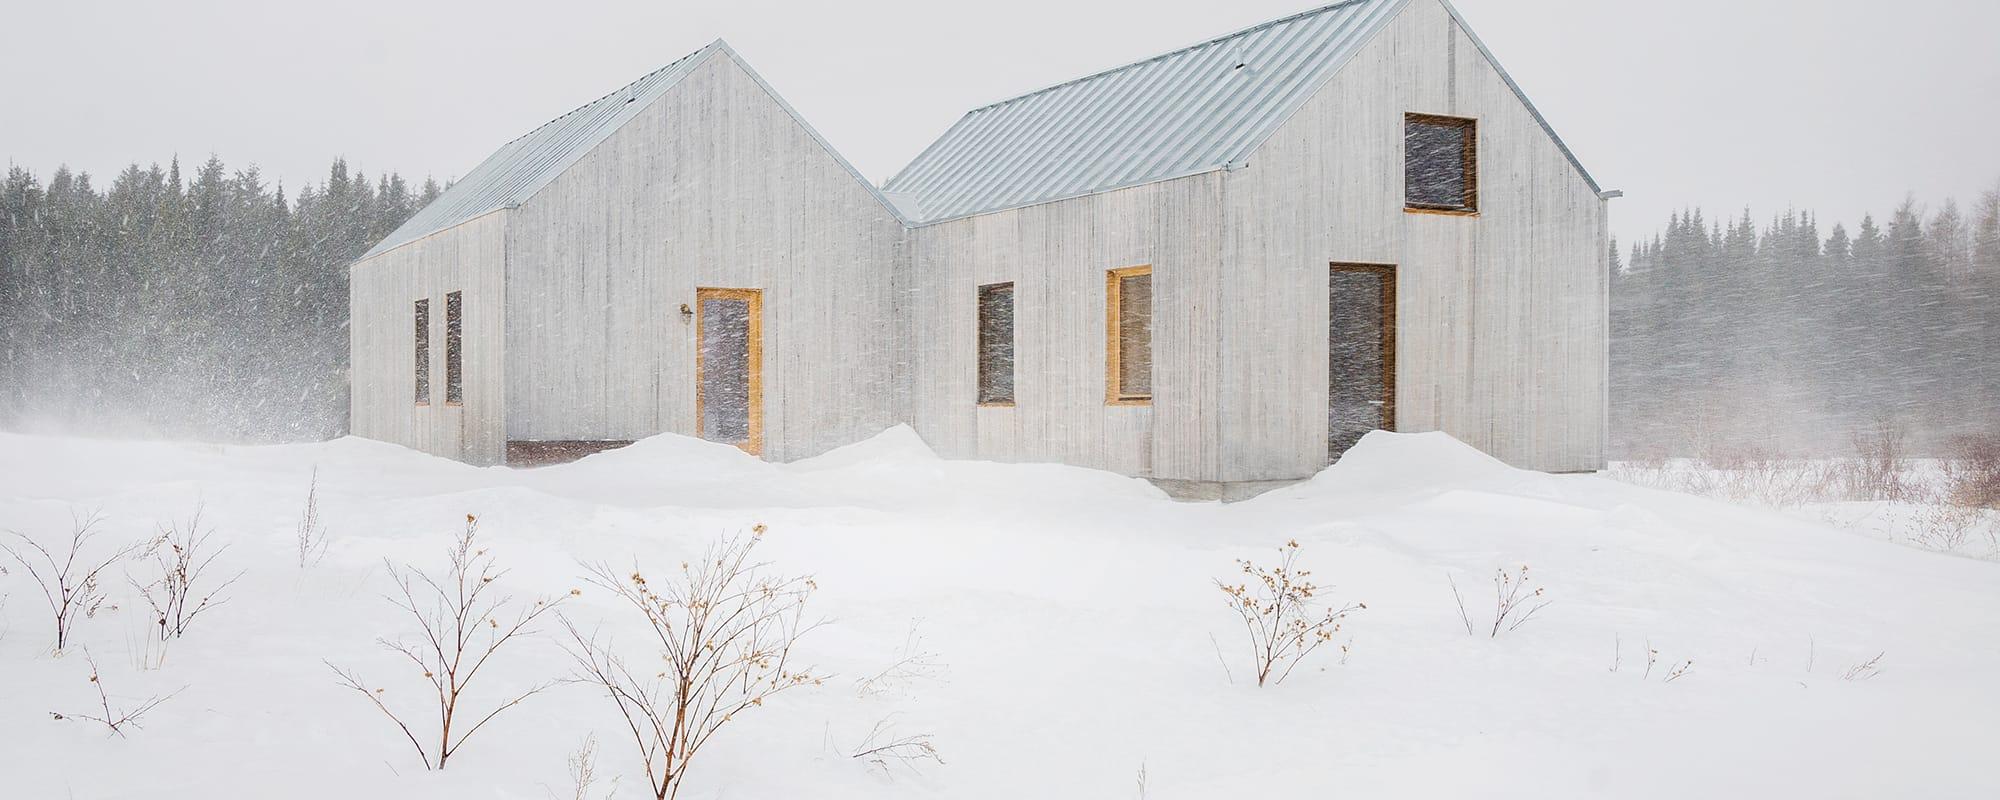 Architektur, Pierre Thibault,  Résidence des Stagiaires, Holz, Haus, Ouebec